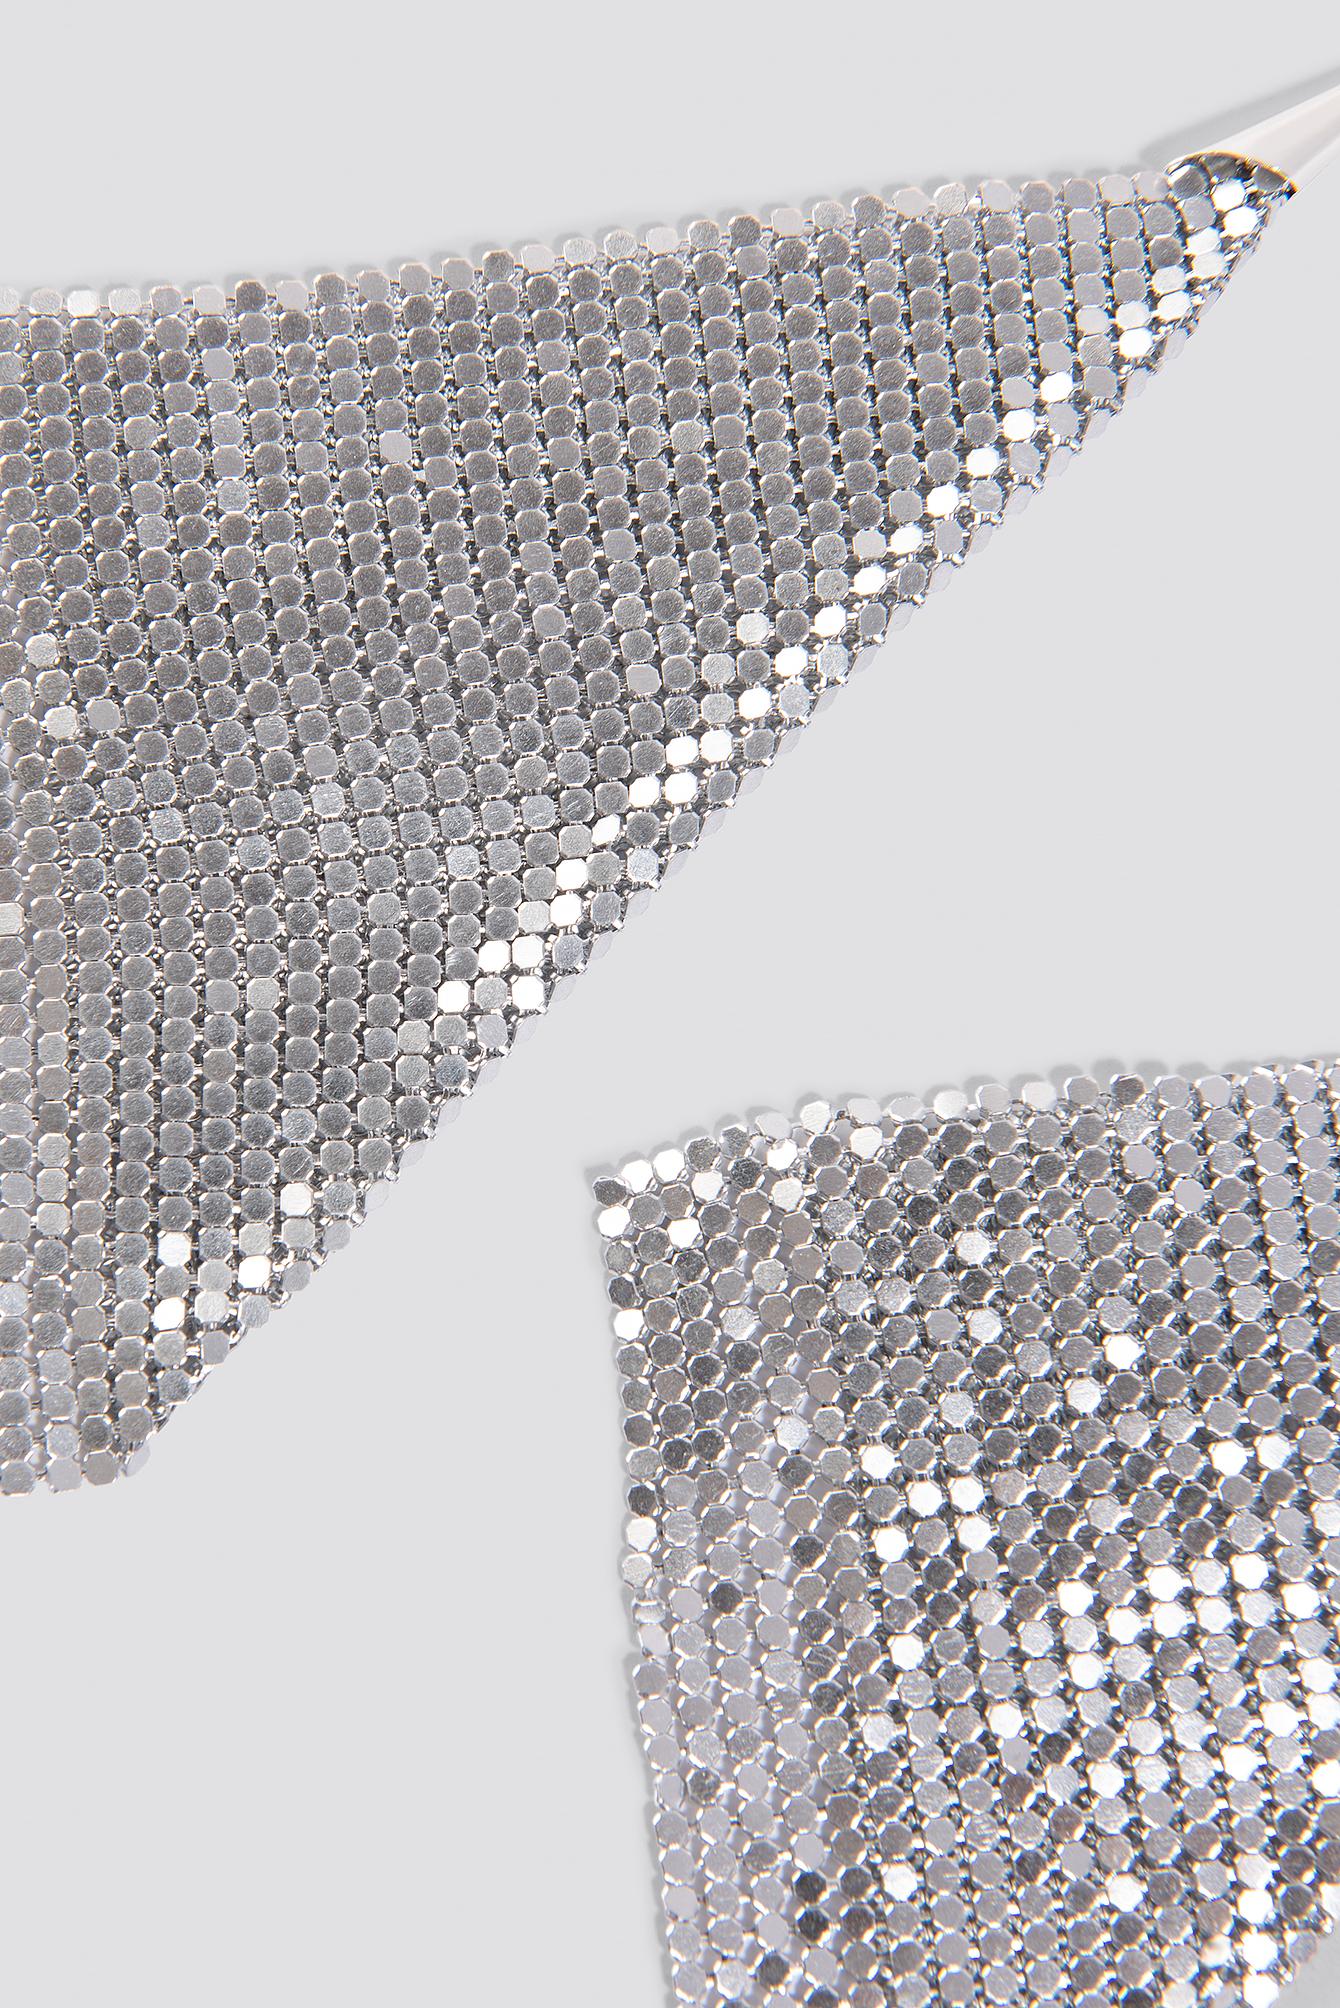 Kolczyki z metalowej siateczki NA-KD.COM